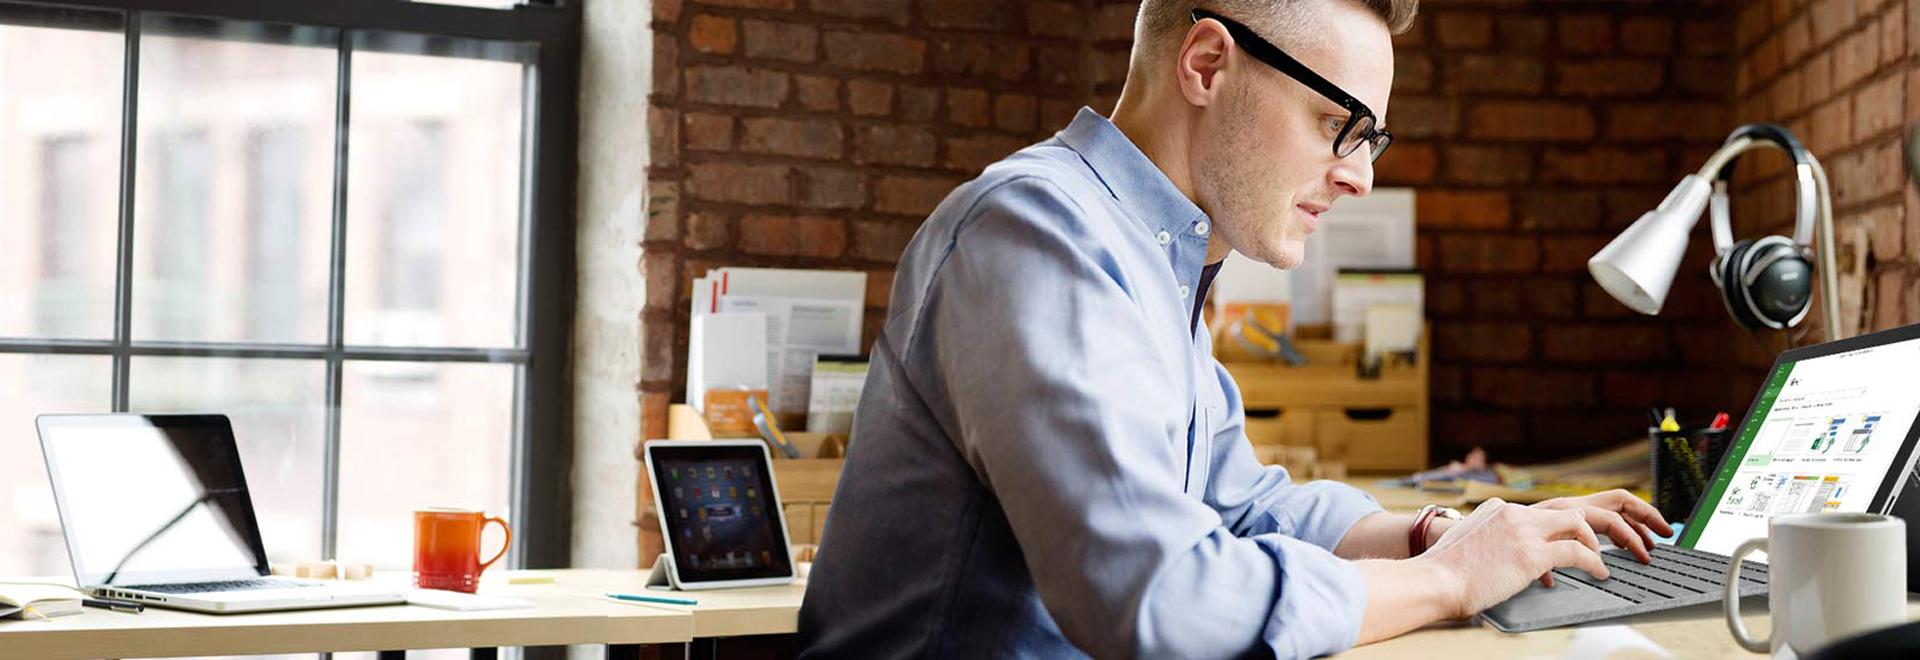 Muškarac sjedi za radnim stolom i na tabletu Surface koristi Microsoft Project.